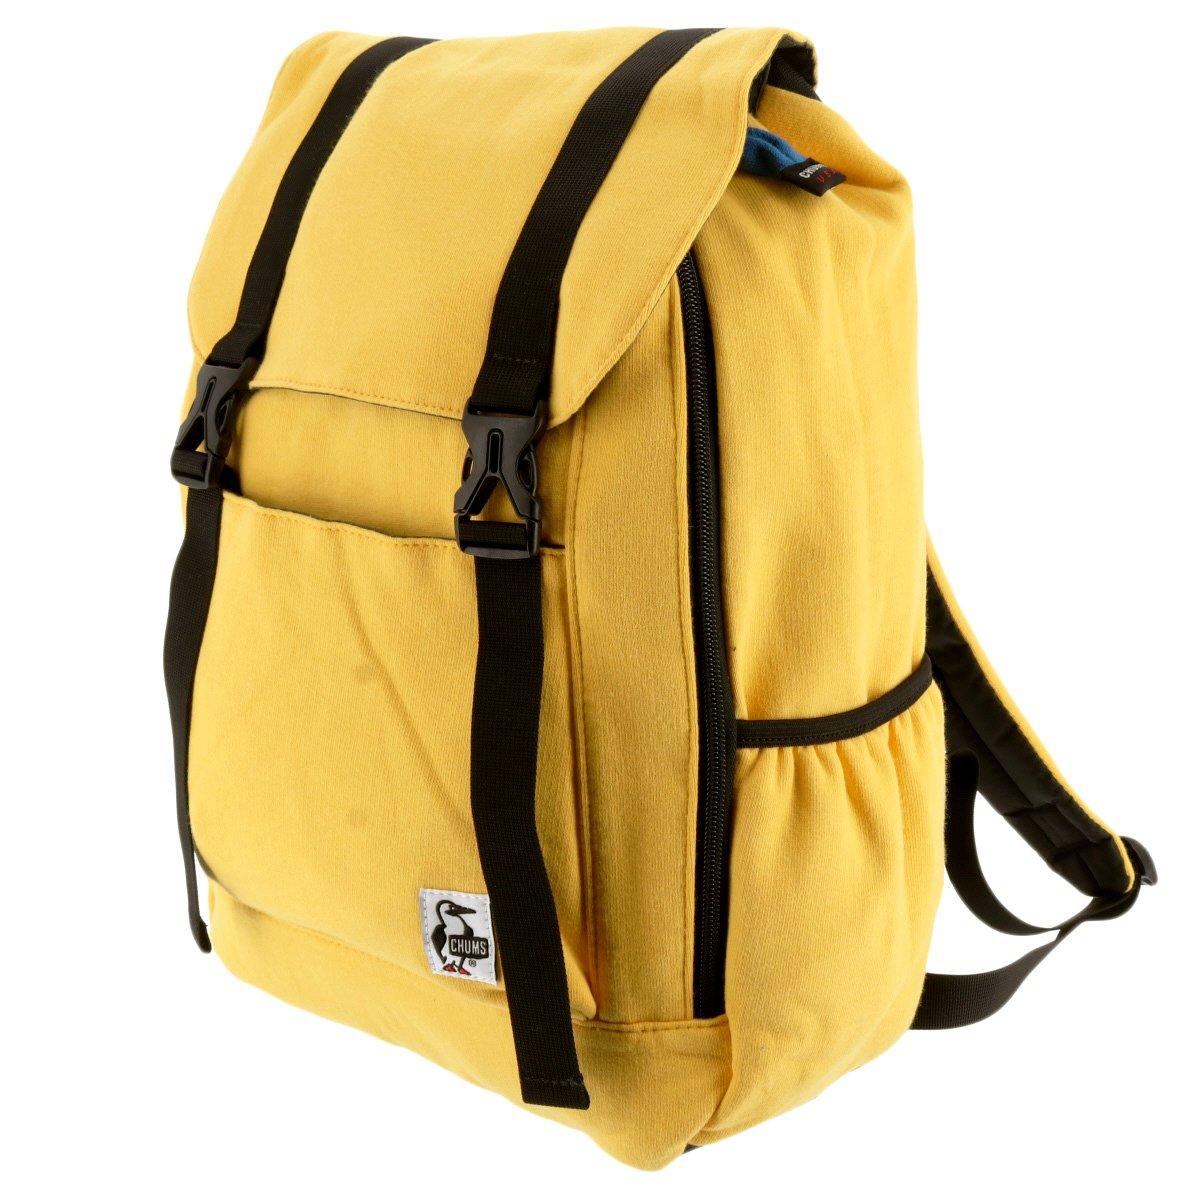 [チャムス] リュック Flap Day Pack Sweat CH60-2076-0118-00 B076K88W11 12.トランペット 12.トランペット